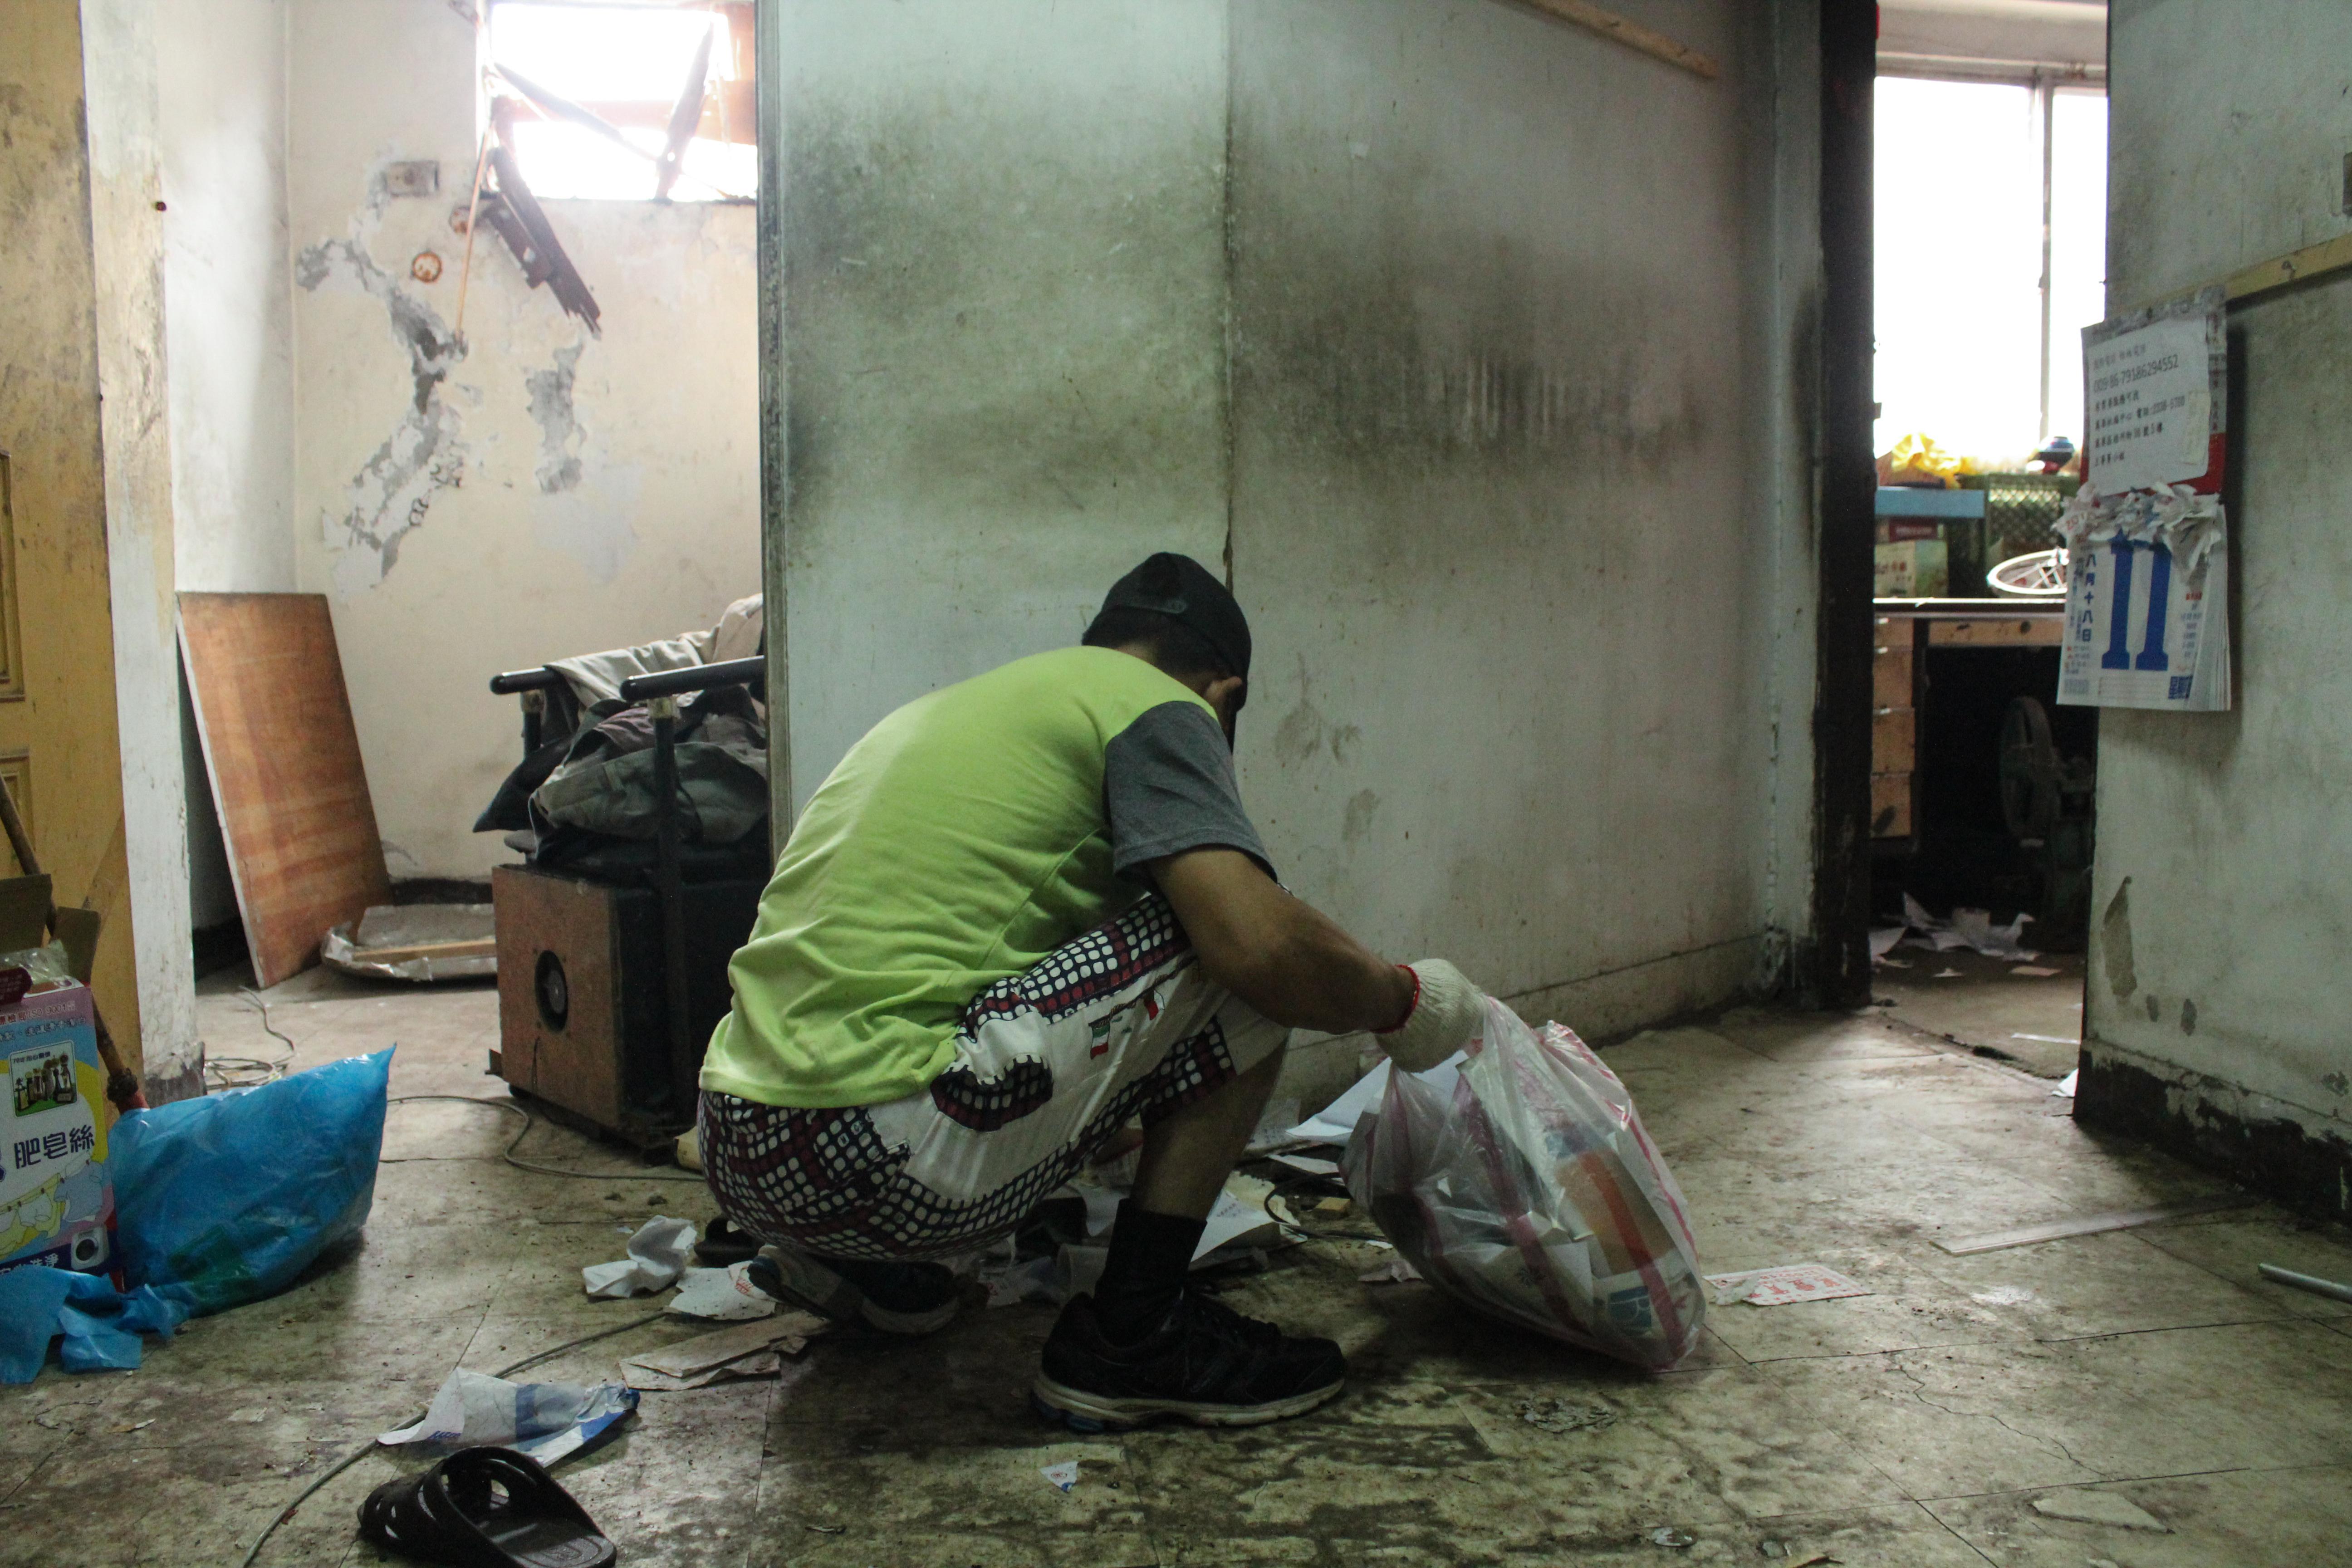 協助西寧國宅行動不便的伯伯整理家中空間